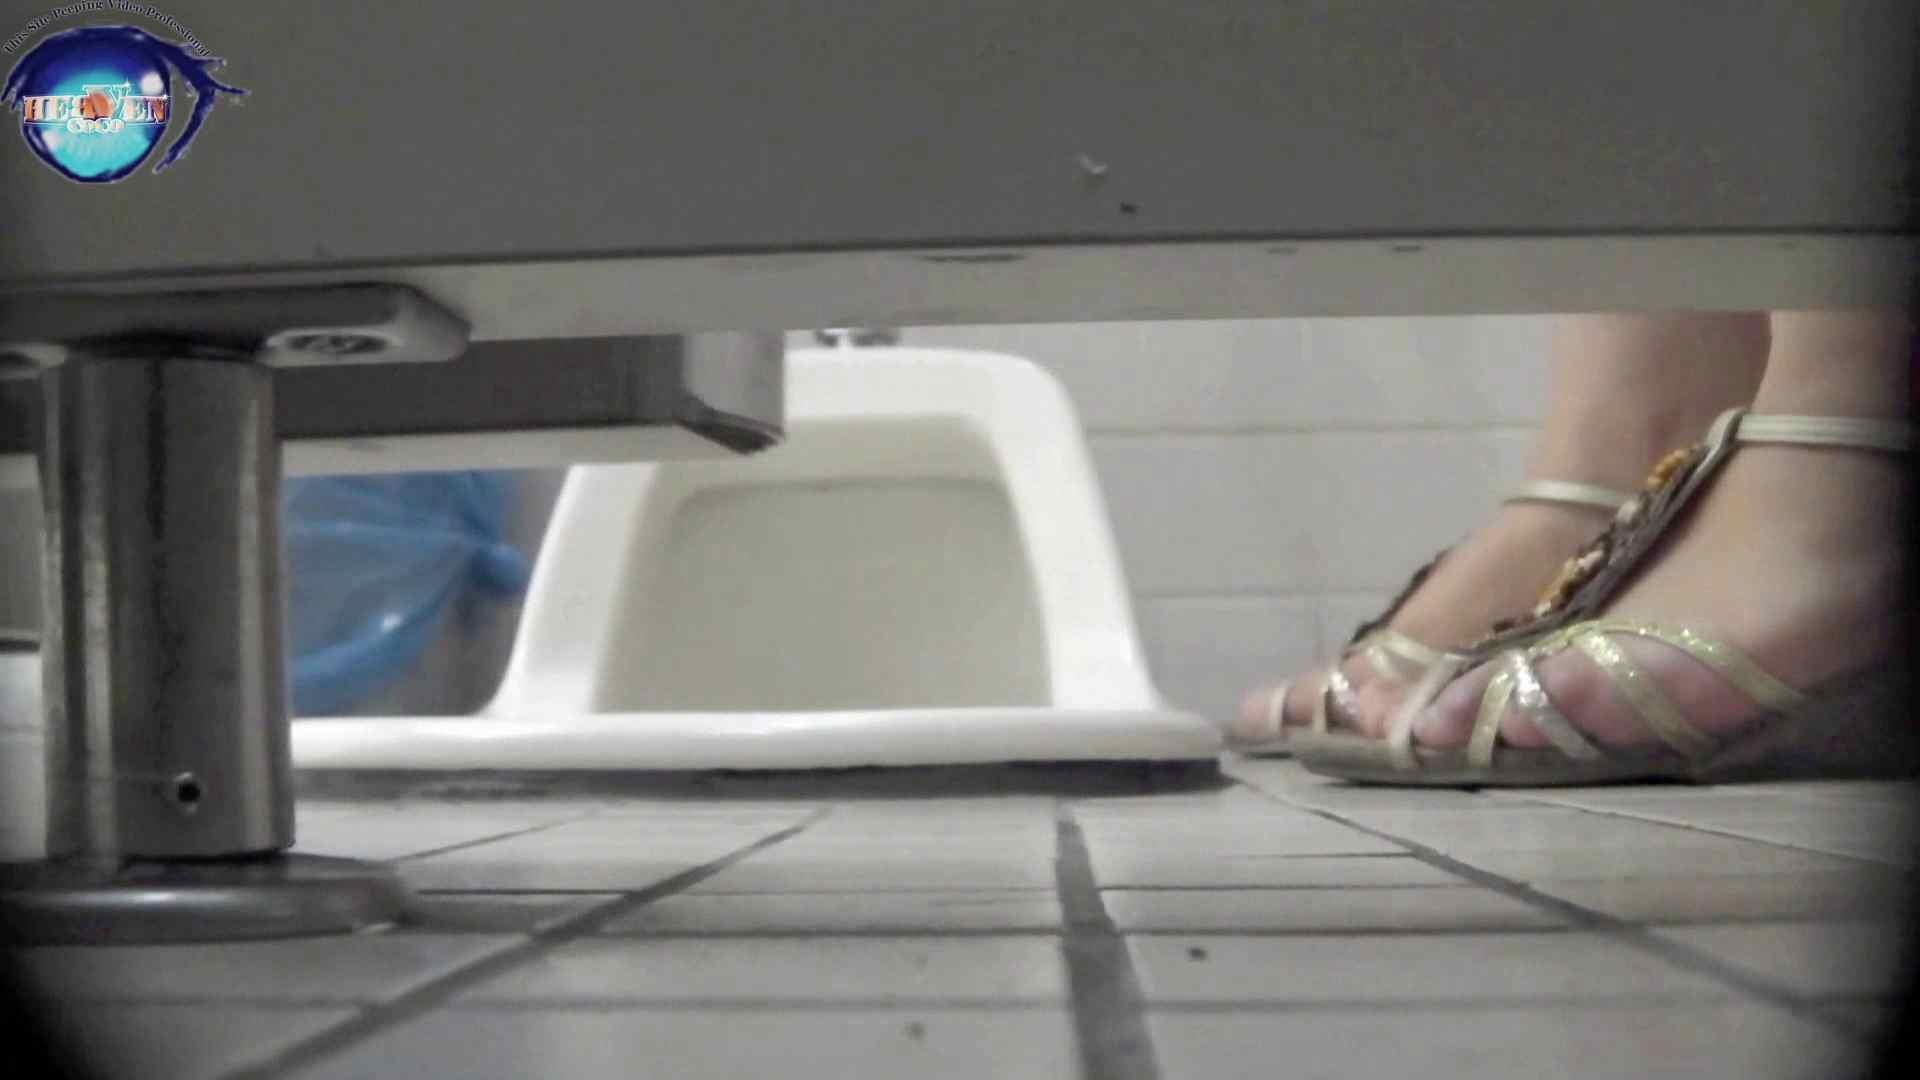 お銀さんの「洗面所突入レポート!!」 vol.65 美女を撮るためにみんなの前に割り込む!!後編 洗面所編 | 美女まとめ  91PIX 81